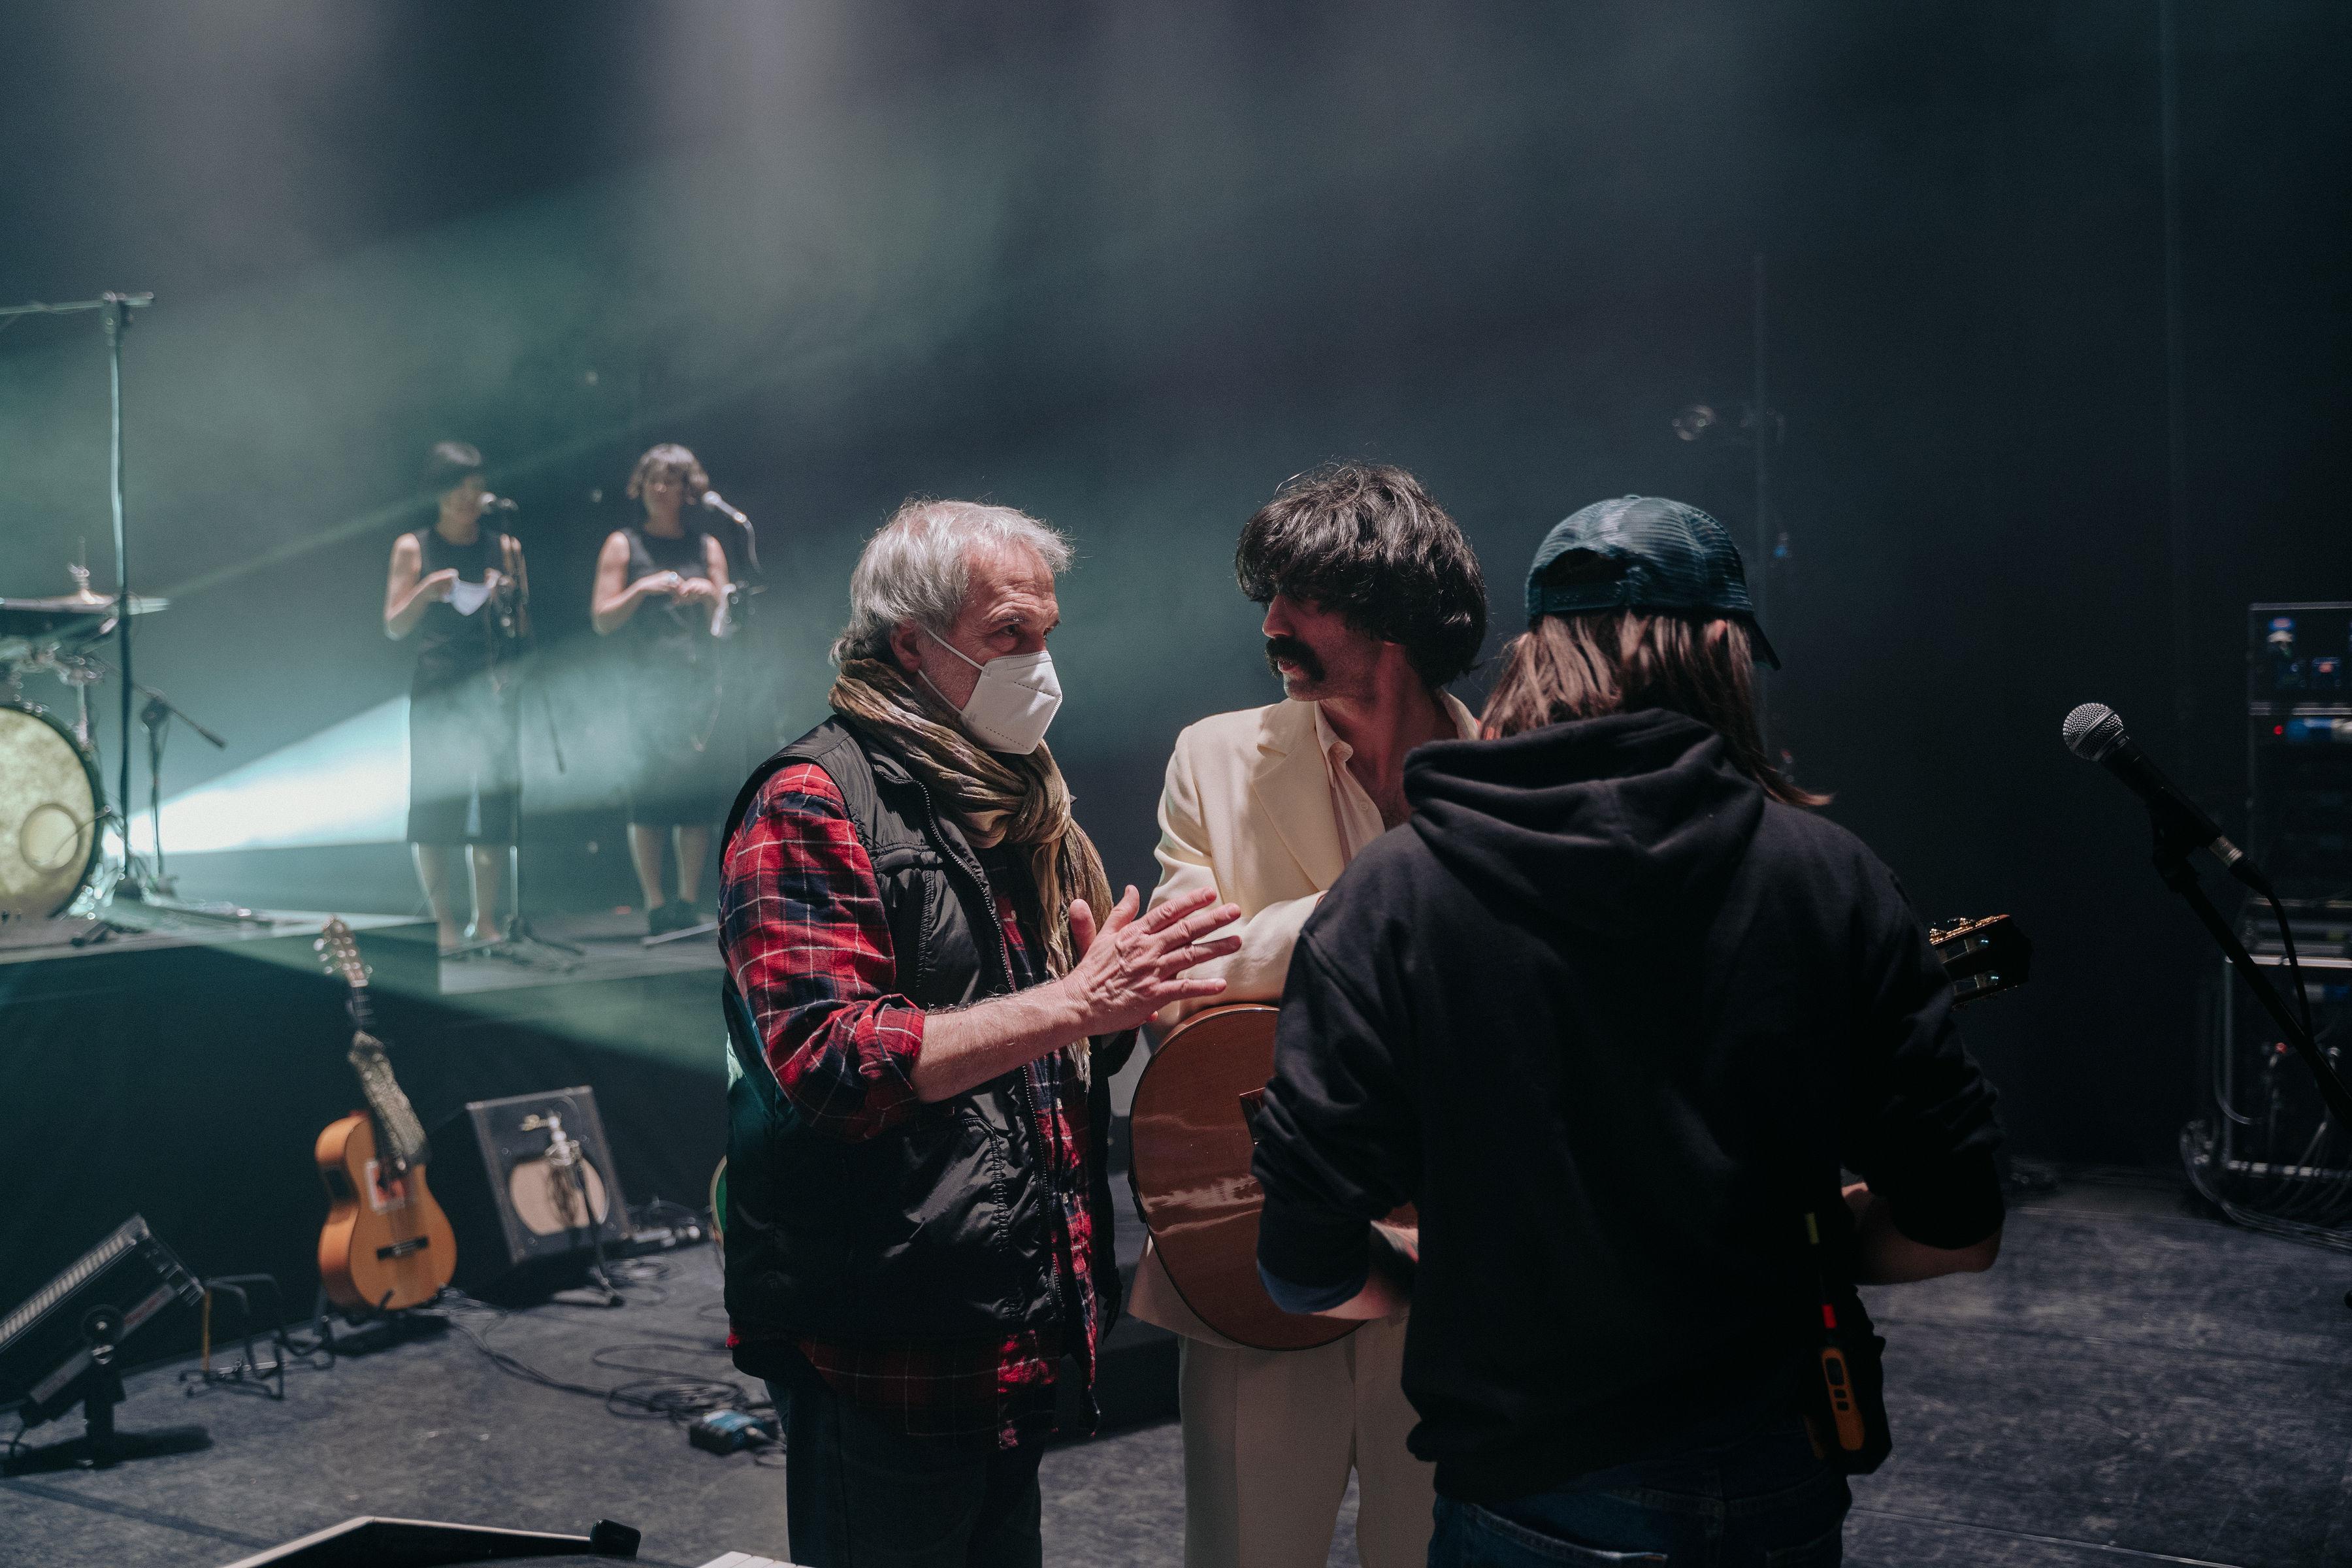 Il regista Fabrizio Borelli con Andrea durante le riprese - foto Marco Previdi